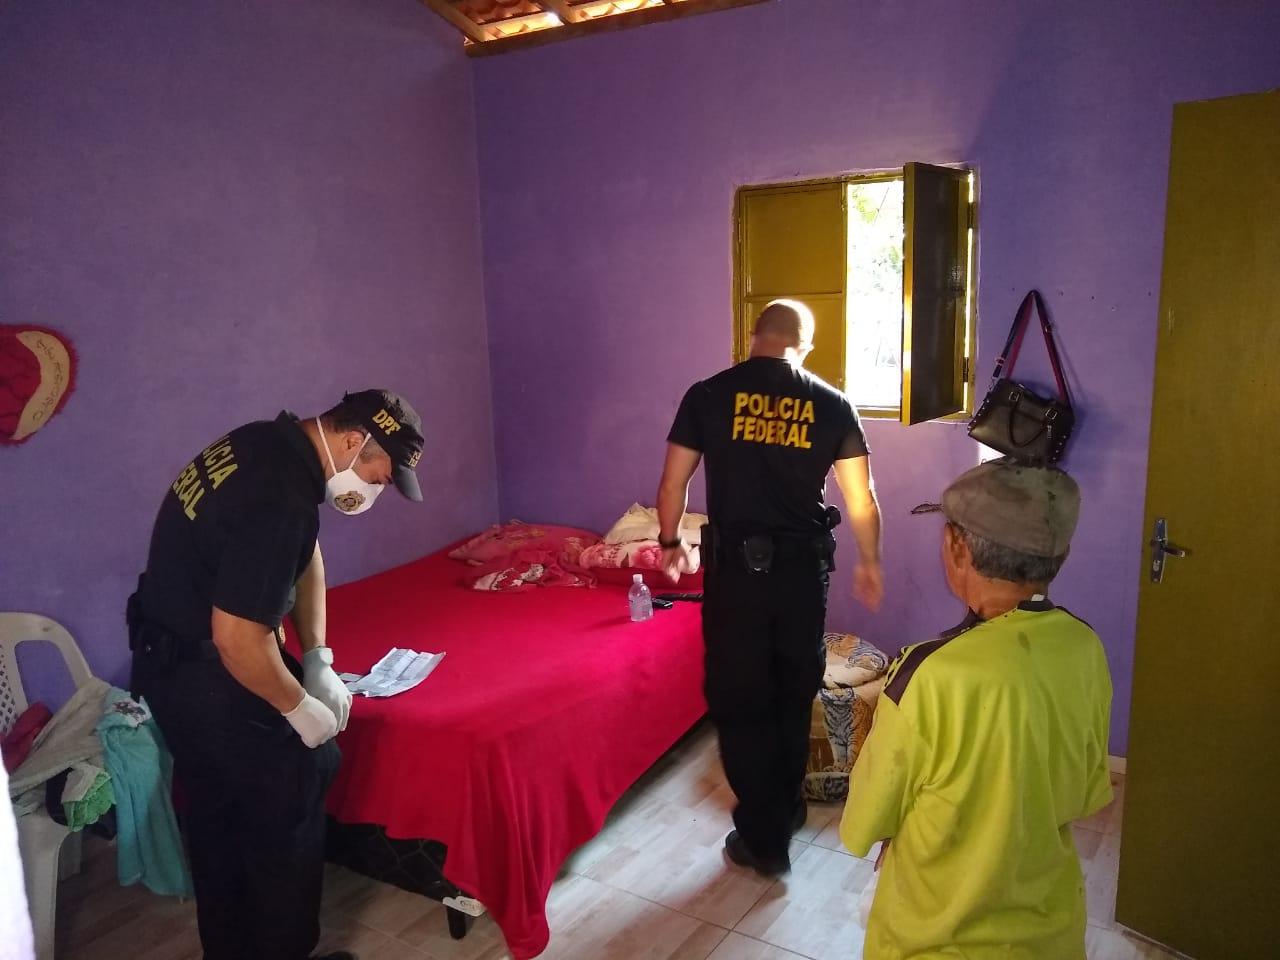 PF cumpre mandados de busca em cidades do Piauí e Maranhão (Divulgação)